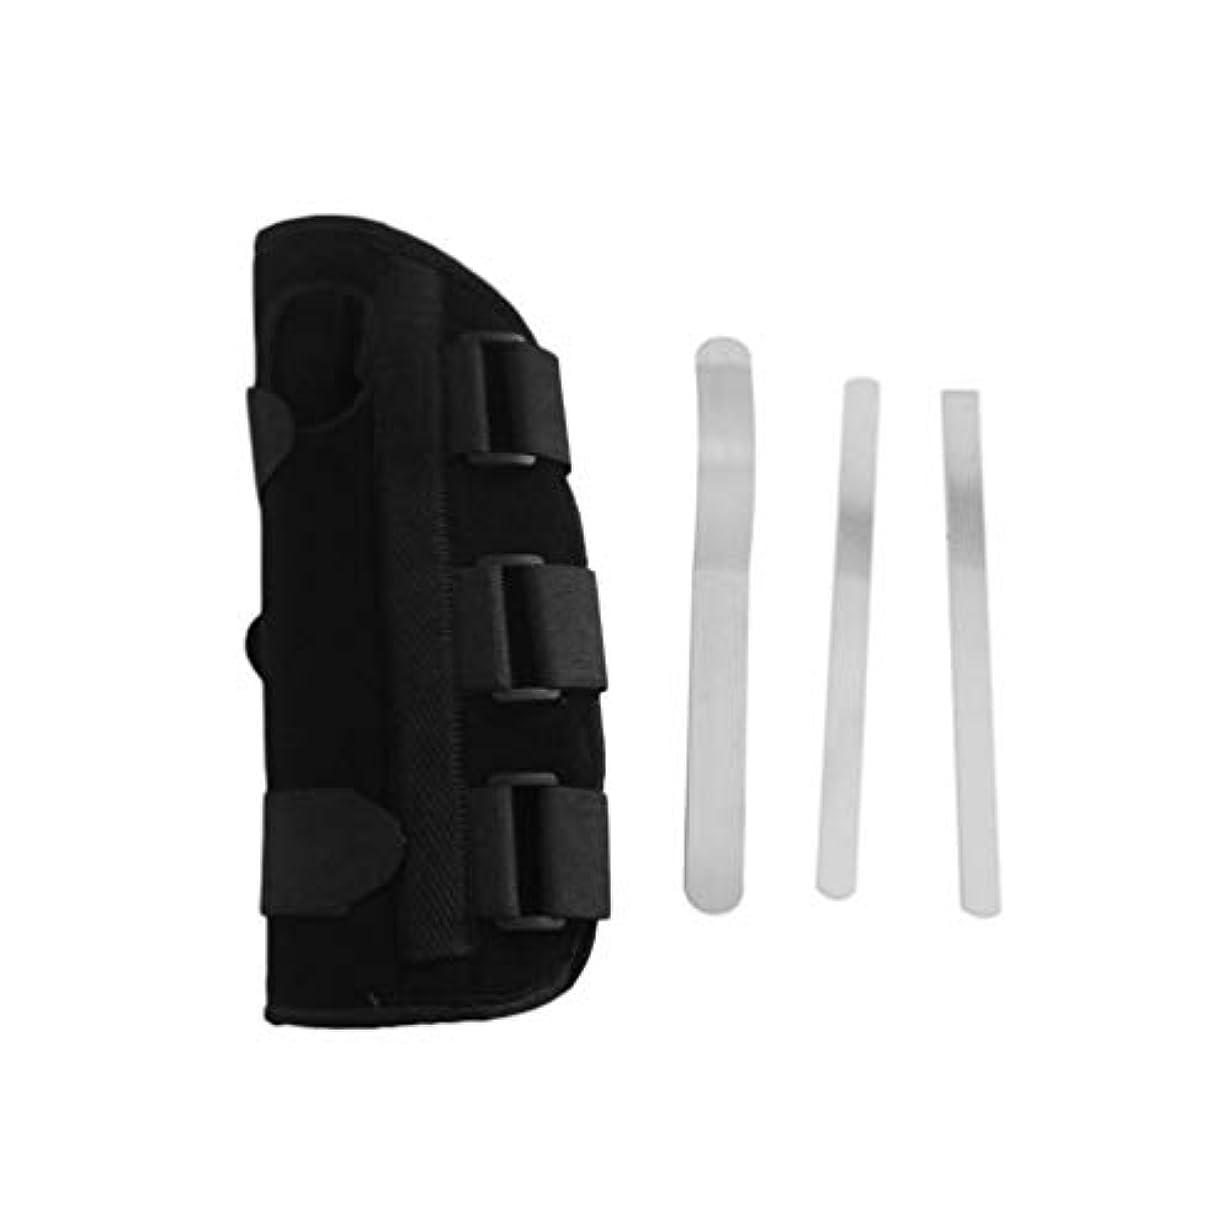 トピックどこか先に手首副木ブレース保護サポートストラップカルペルトンネルCTS RSI痛み軽減リムーバブル副木快適な軽量ストラップ - ブラックM